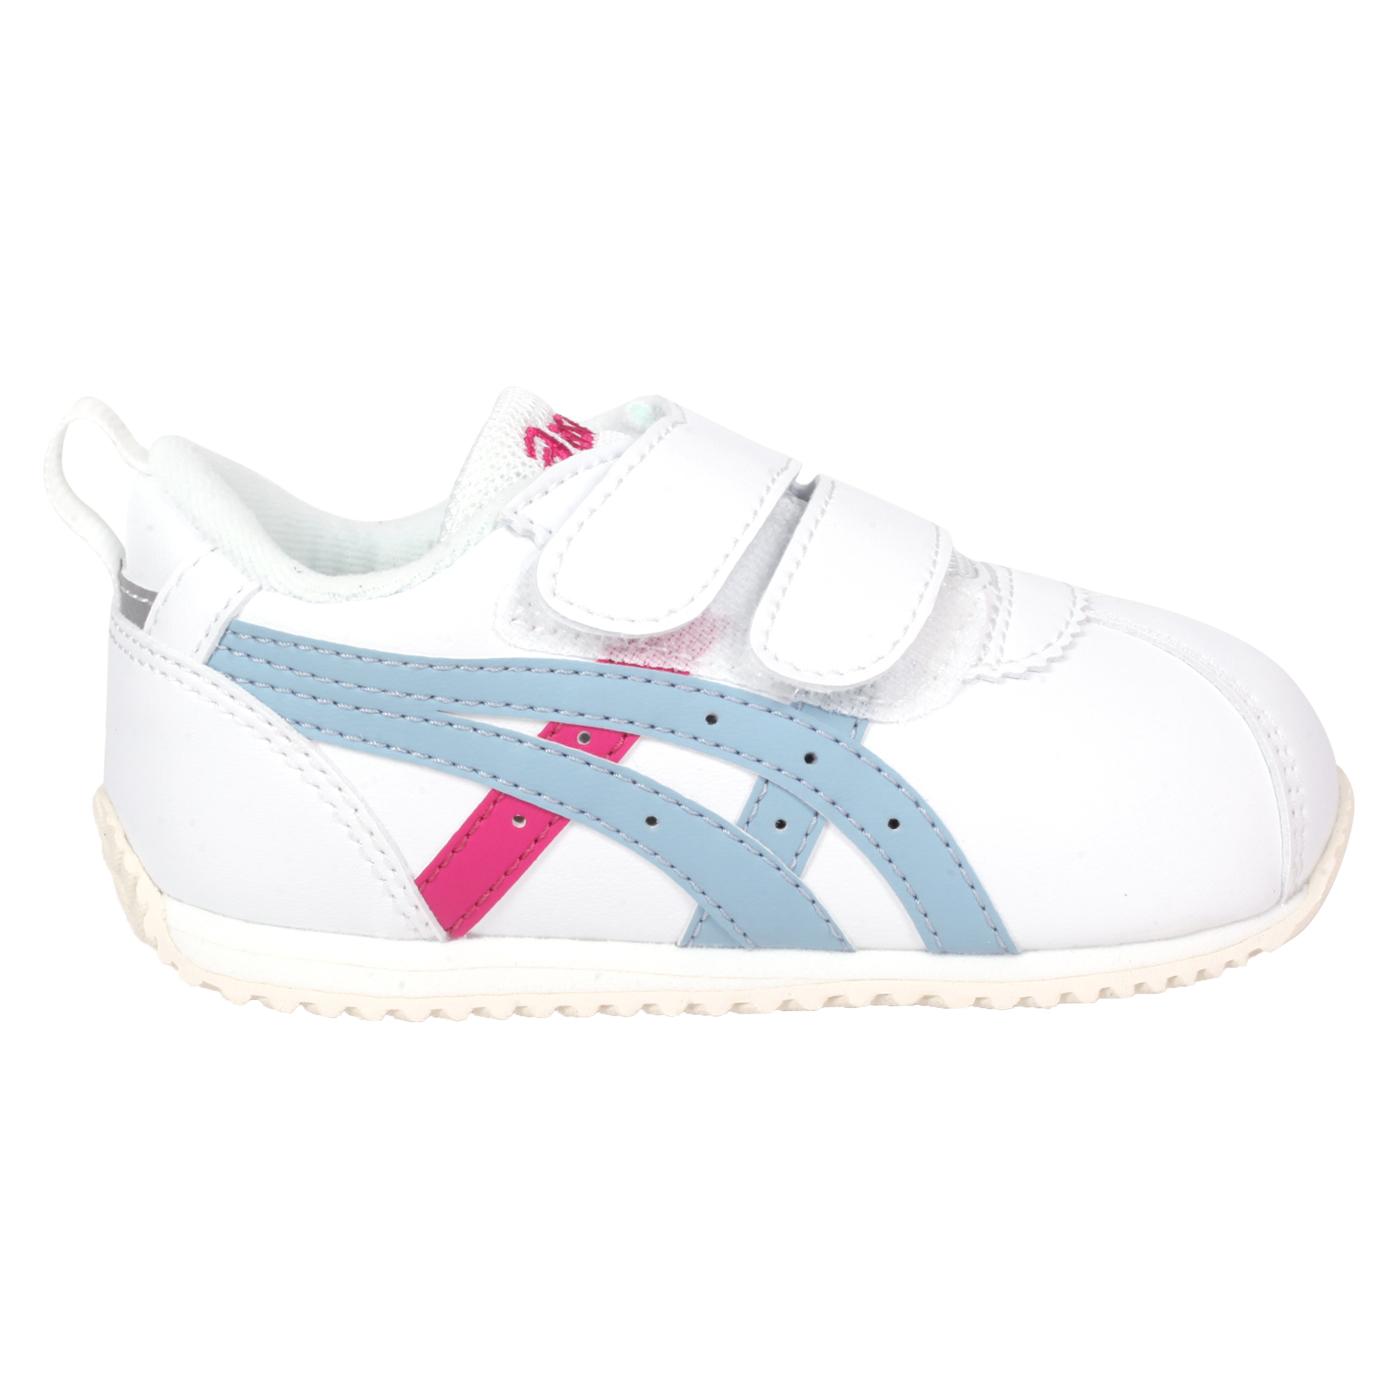 ASICS 小童運動鞋  @CORSAIR BABY SL@1144A210-100